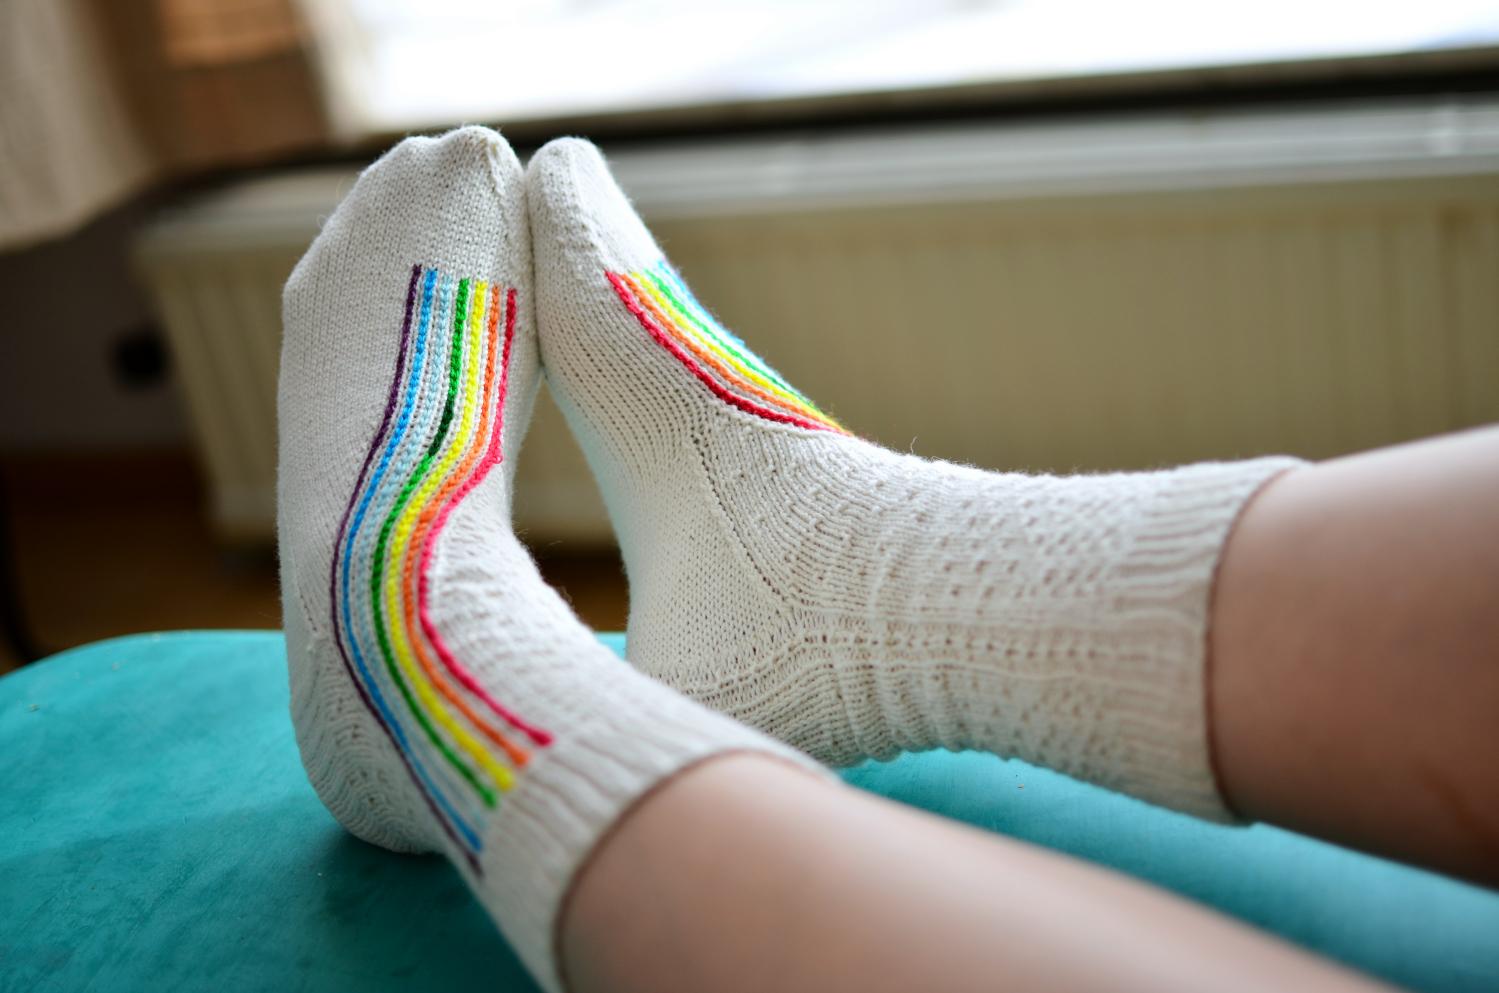 RainbowWanderer2